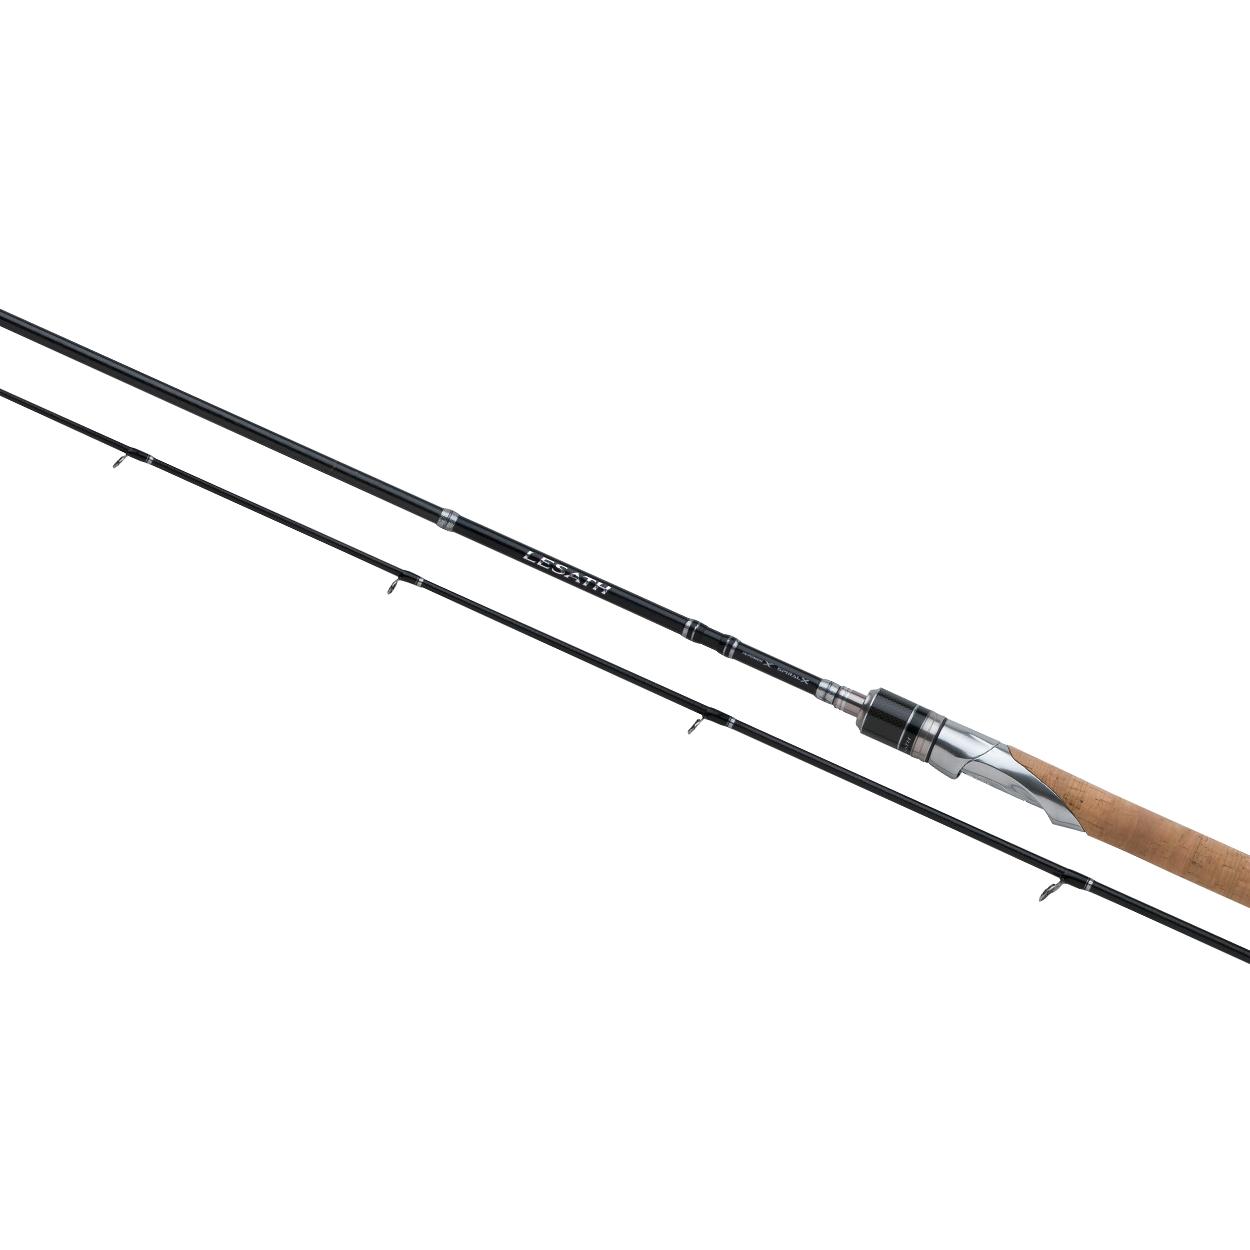 Удилище спиннинговое SHIMANO LESATH DX 270 MH (+ Леска в подарок!)